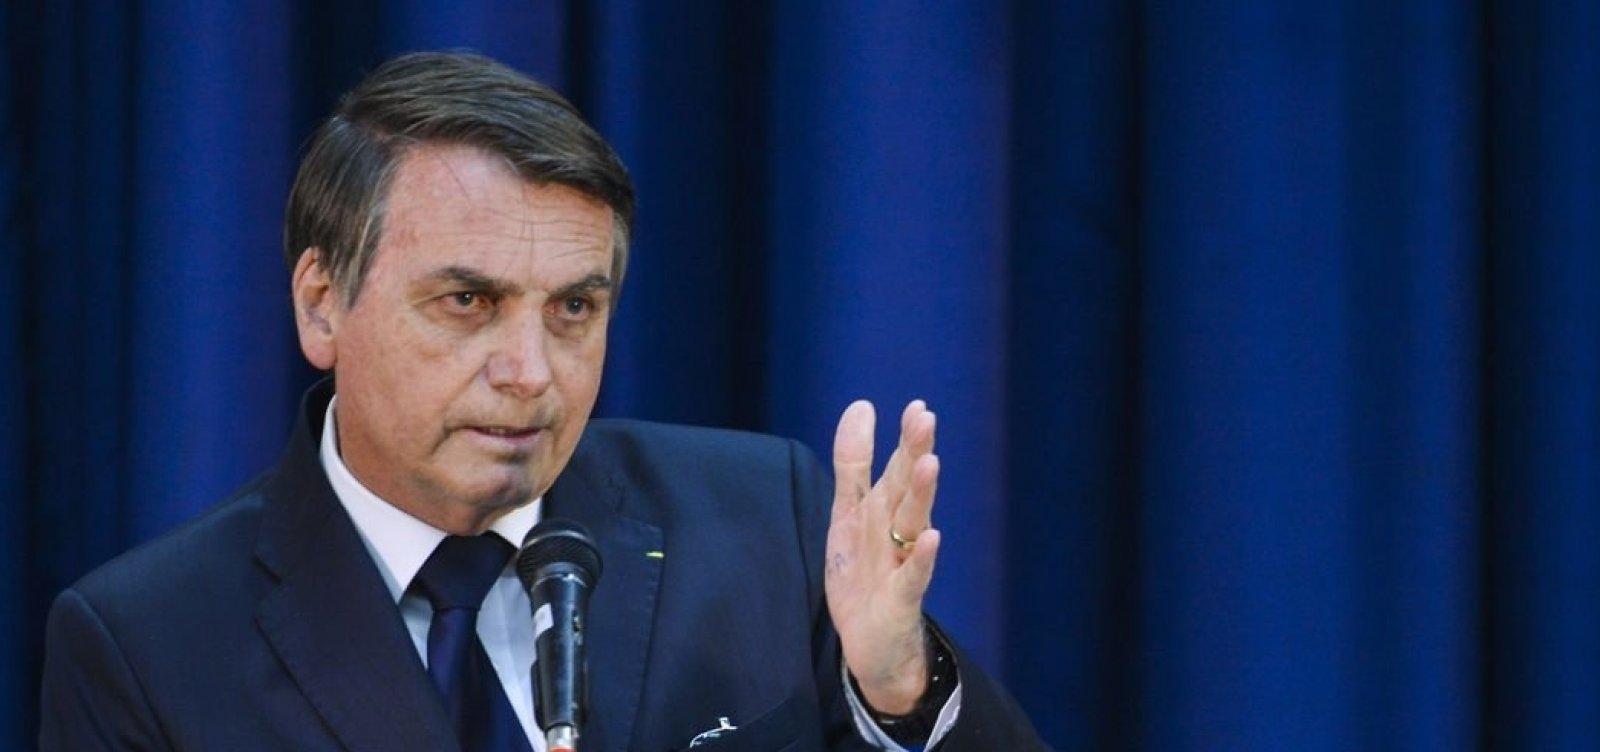 Sem vacina, Bolsonaro confirma ida à cúpula do G-20 com Guedes